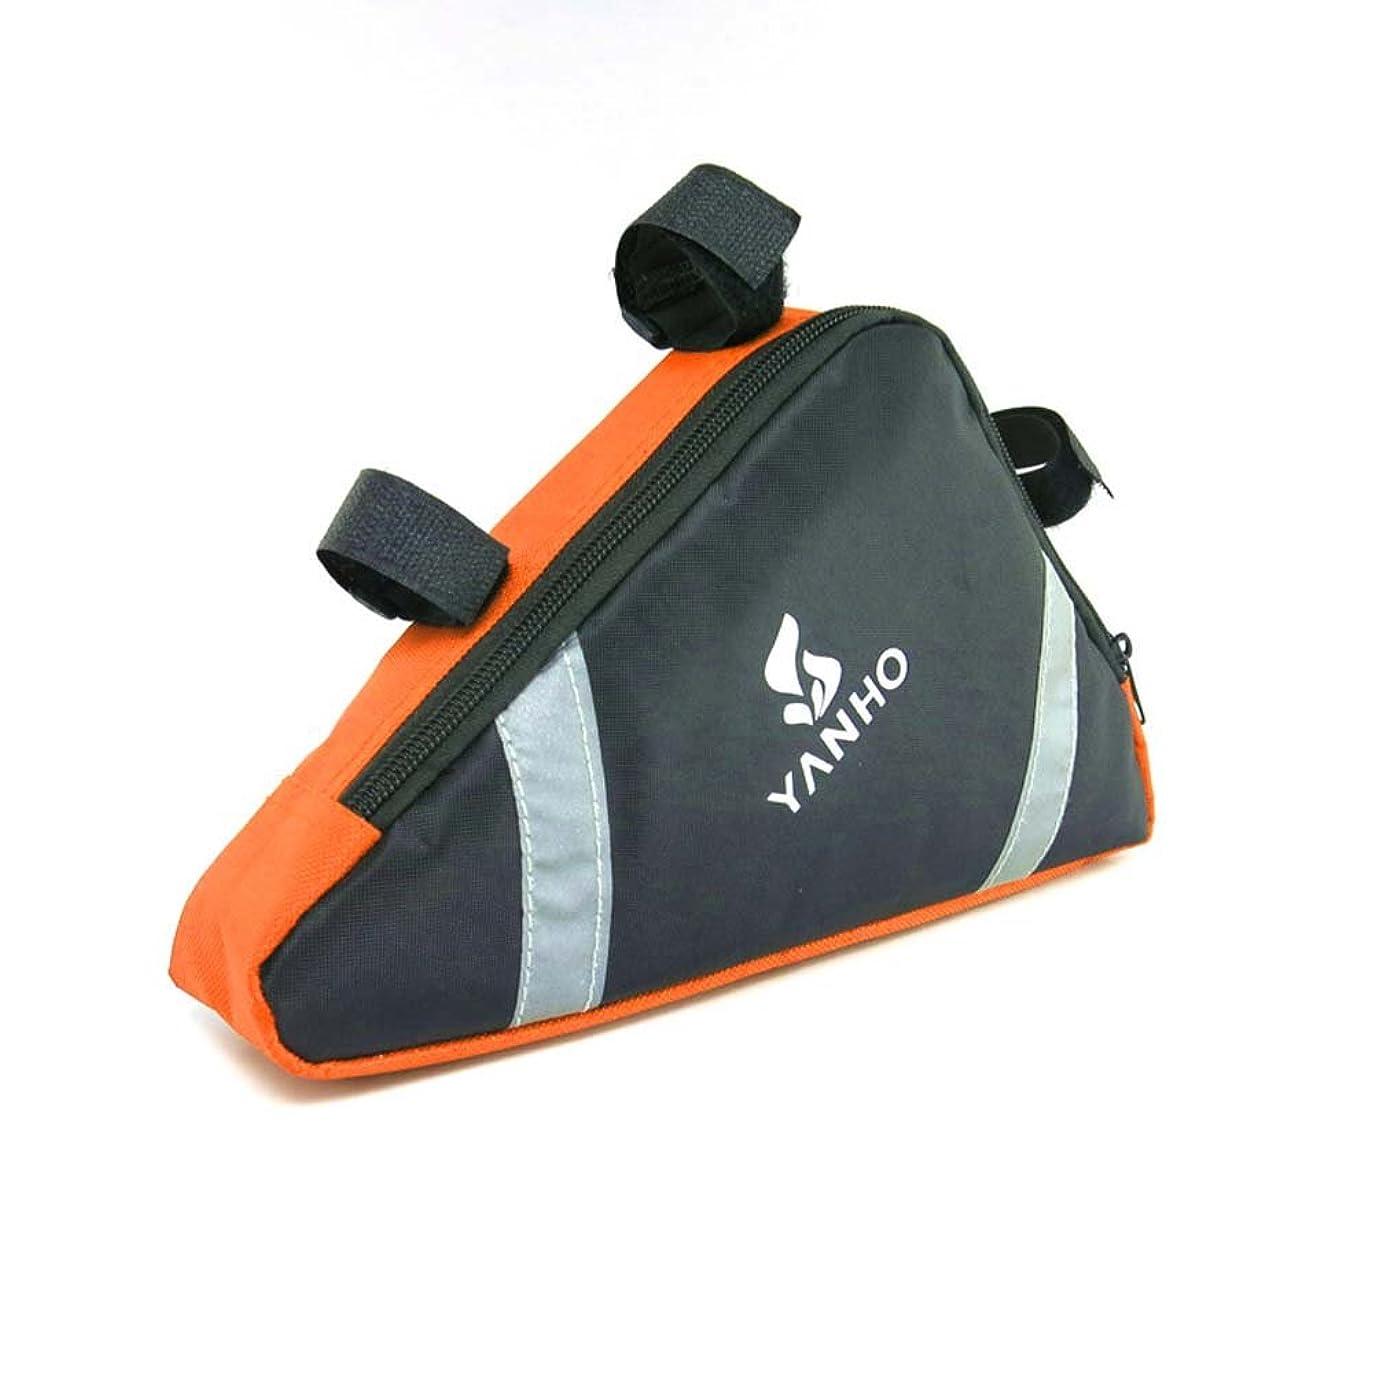 思い出す航空便可能にするweyunスポーツアウトドアバイクフレームストレージバッグ自転車トップチューブトライアングルバッグポーチ、自転車、シート下トップチューブバッグサイクリング